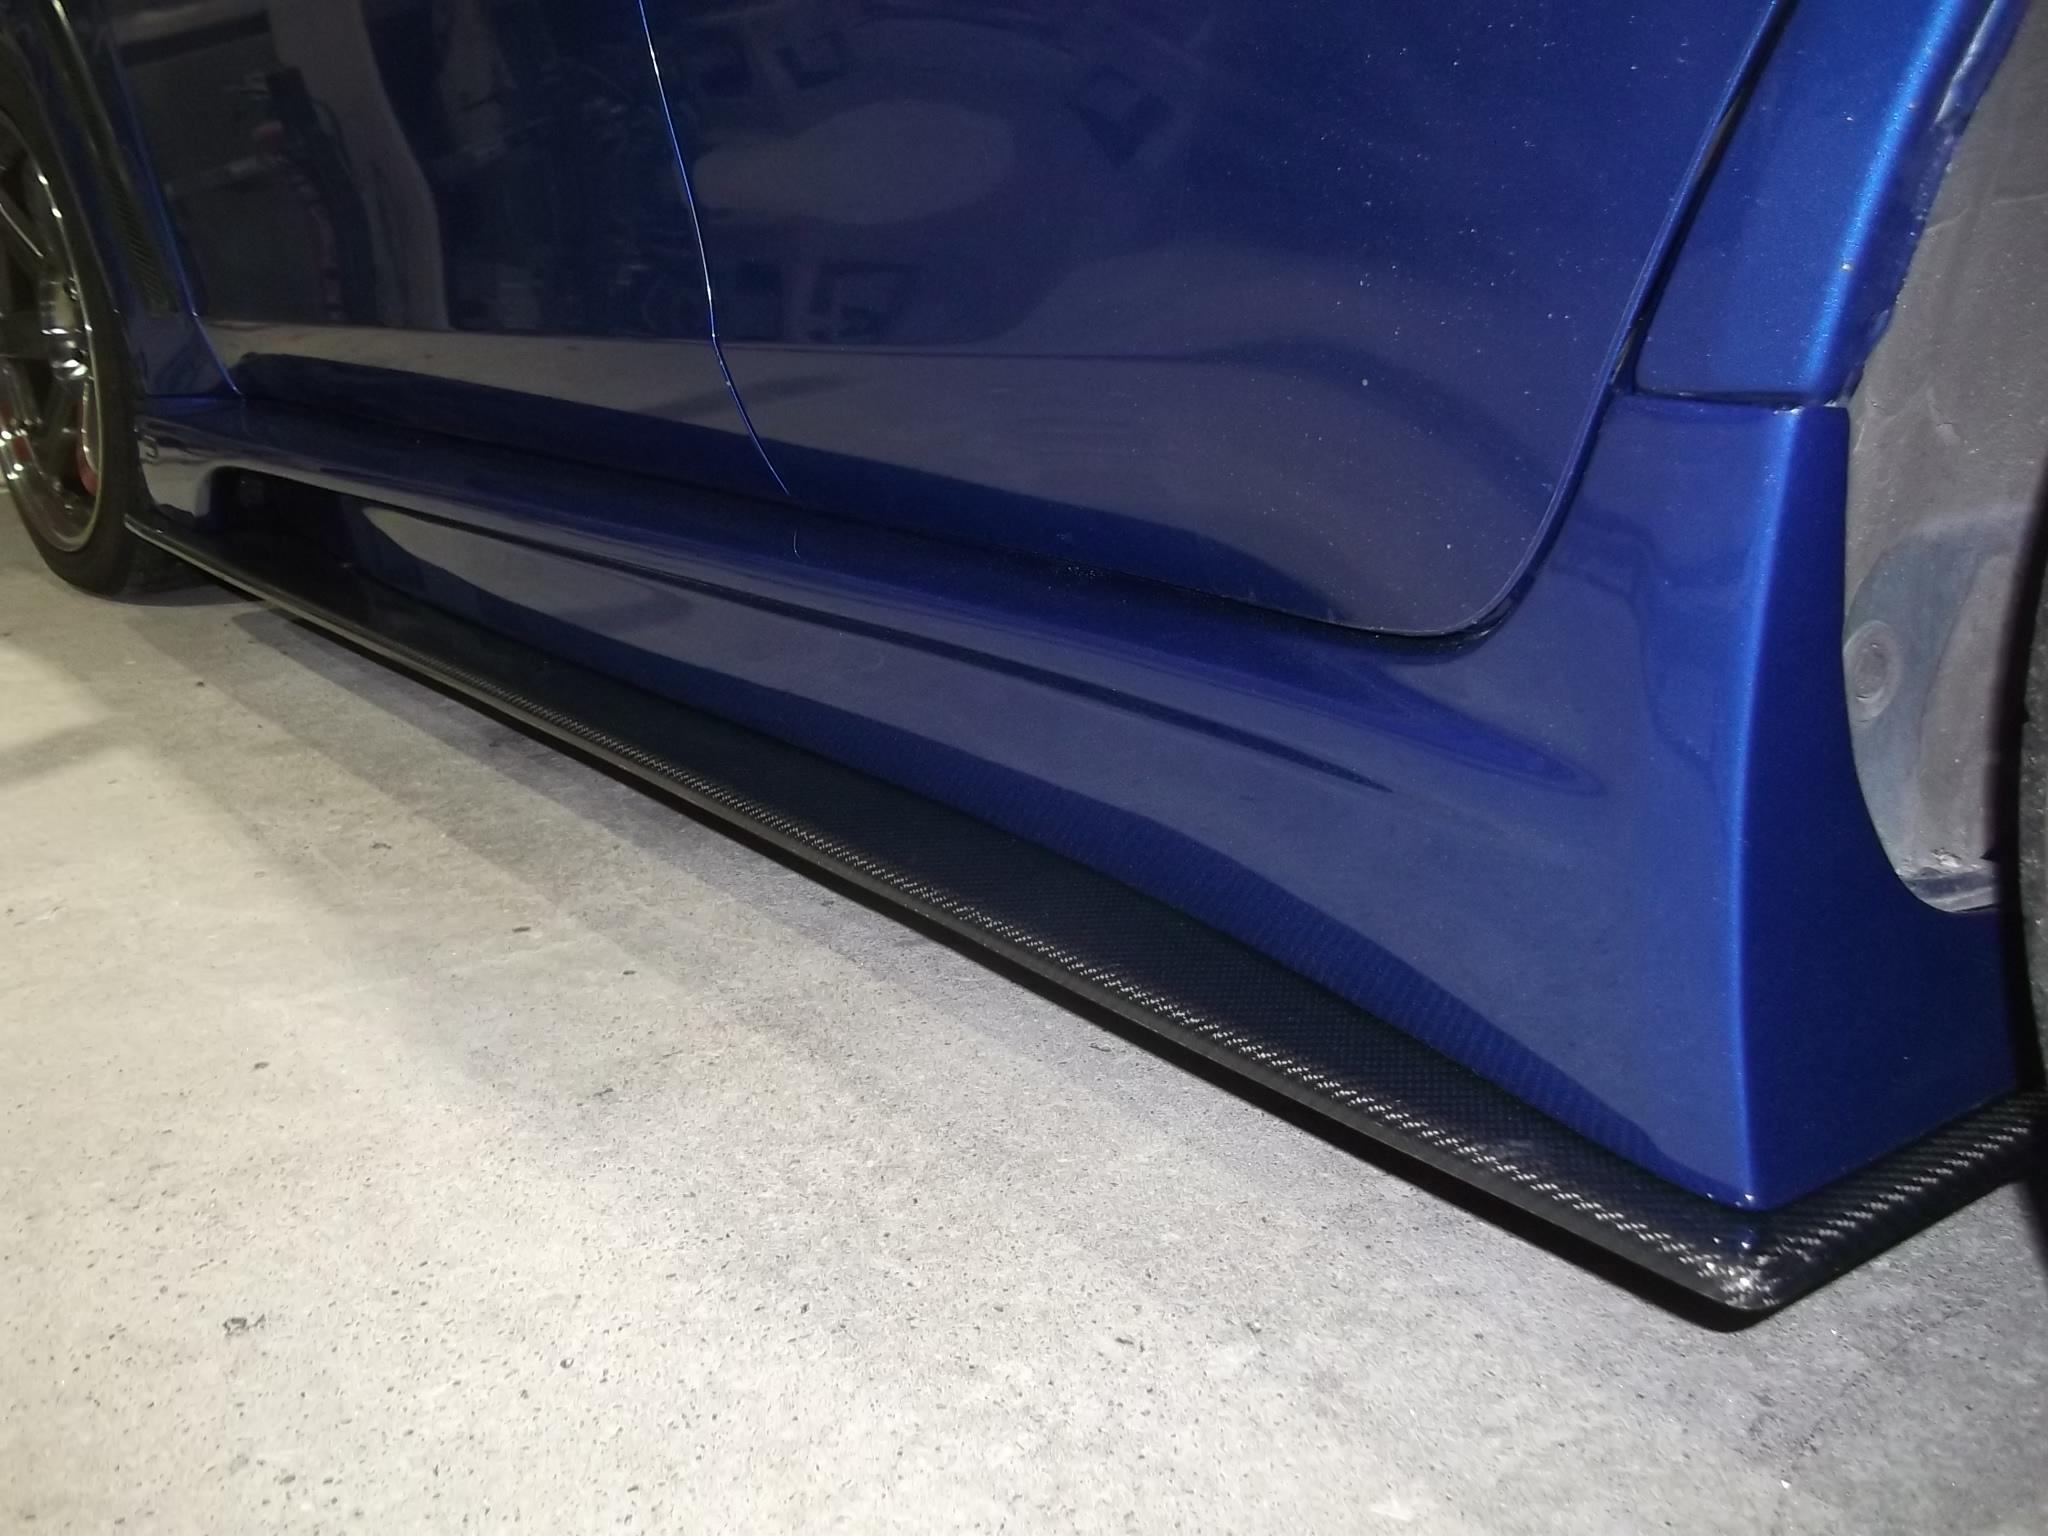 ランサーエボリューション サイドステップ取り付け塗装 カーボン